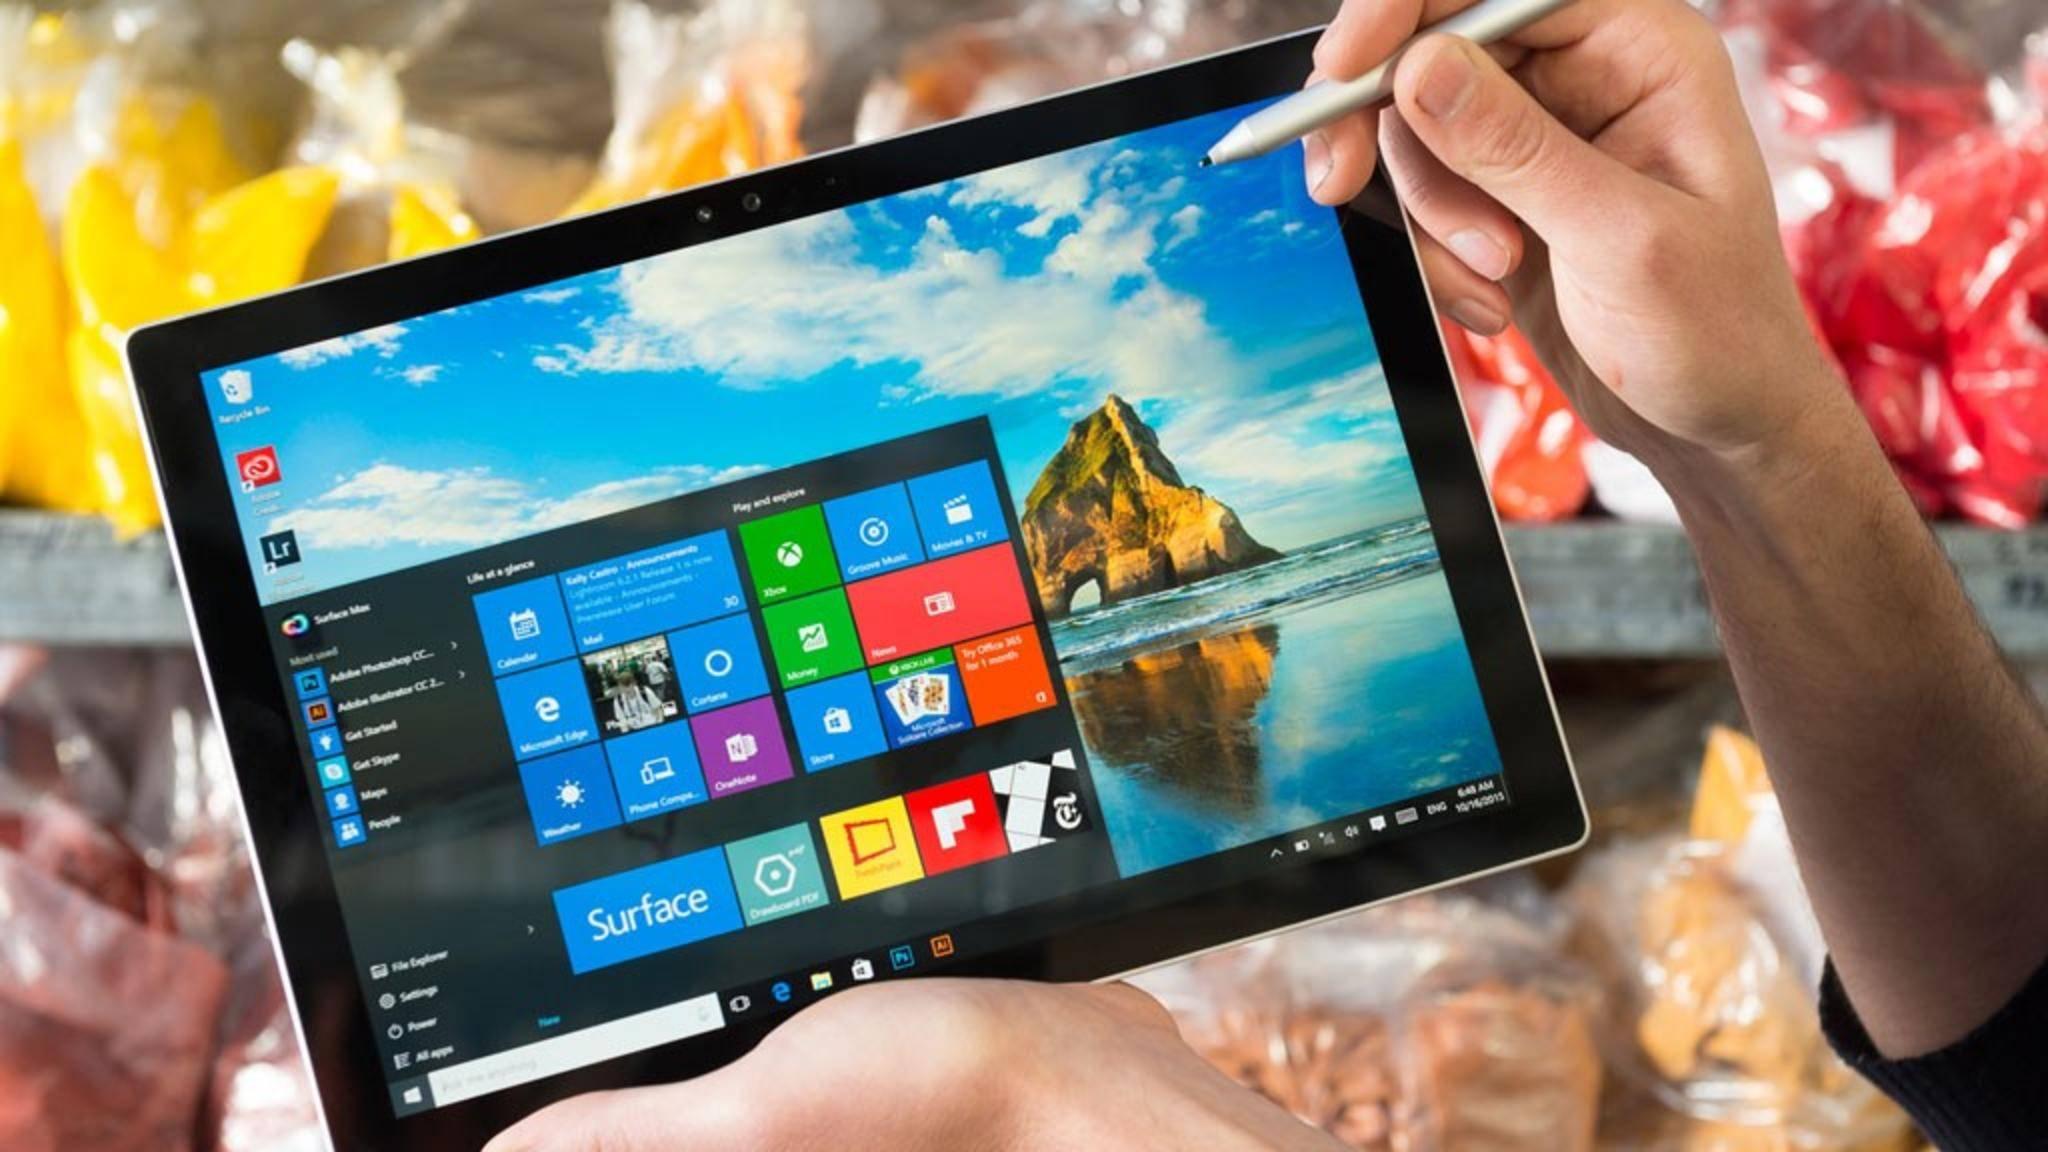 Solltest Du auf Windows 10 updaten oder kannst Du noch mit dem Upgrade warten?